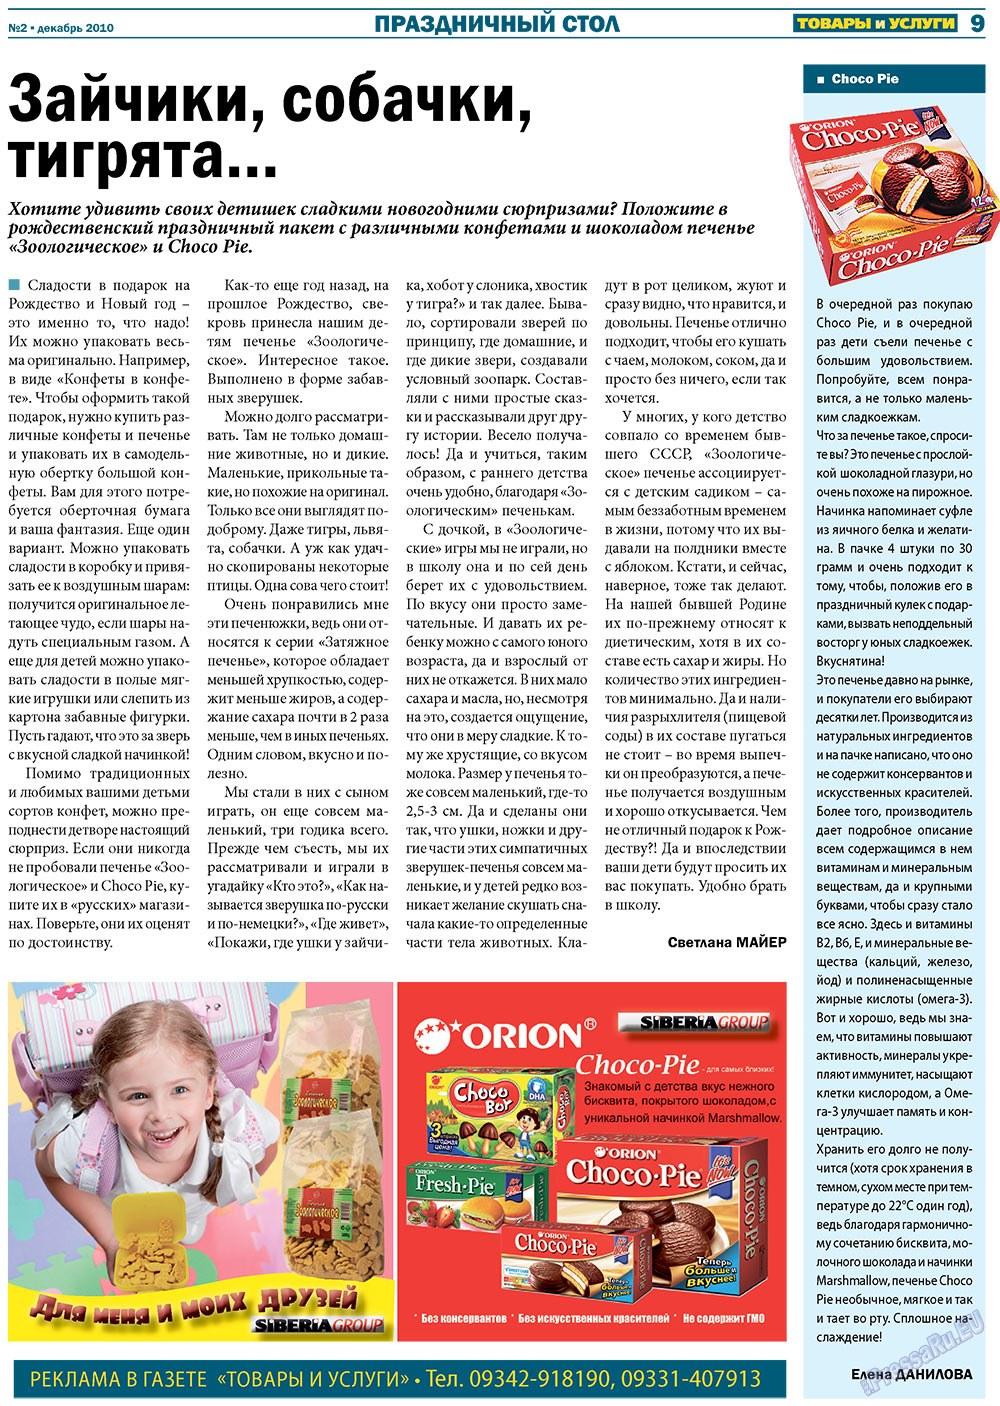 Товары и услуги (газета). 2010 год, номер 2, стр. 9